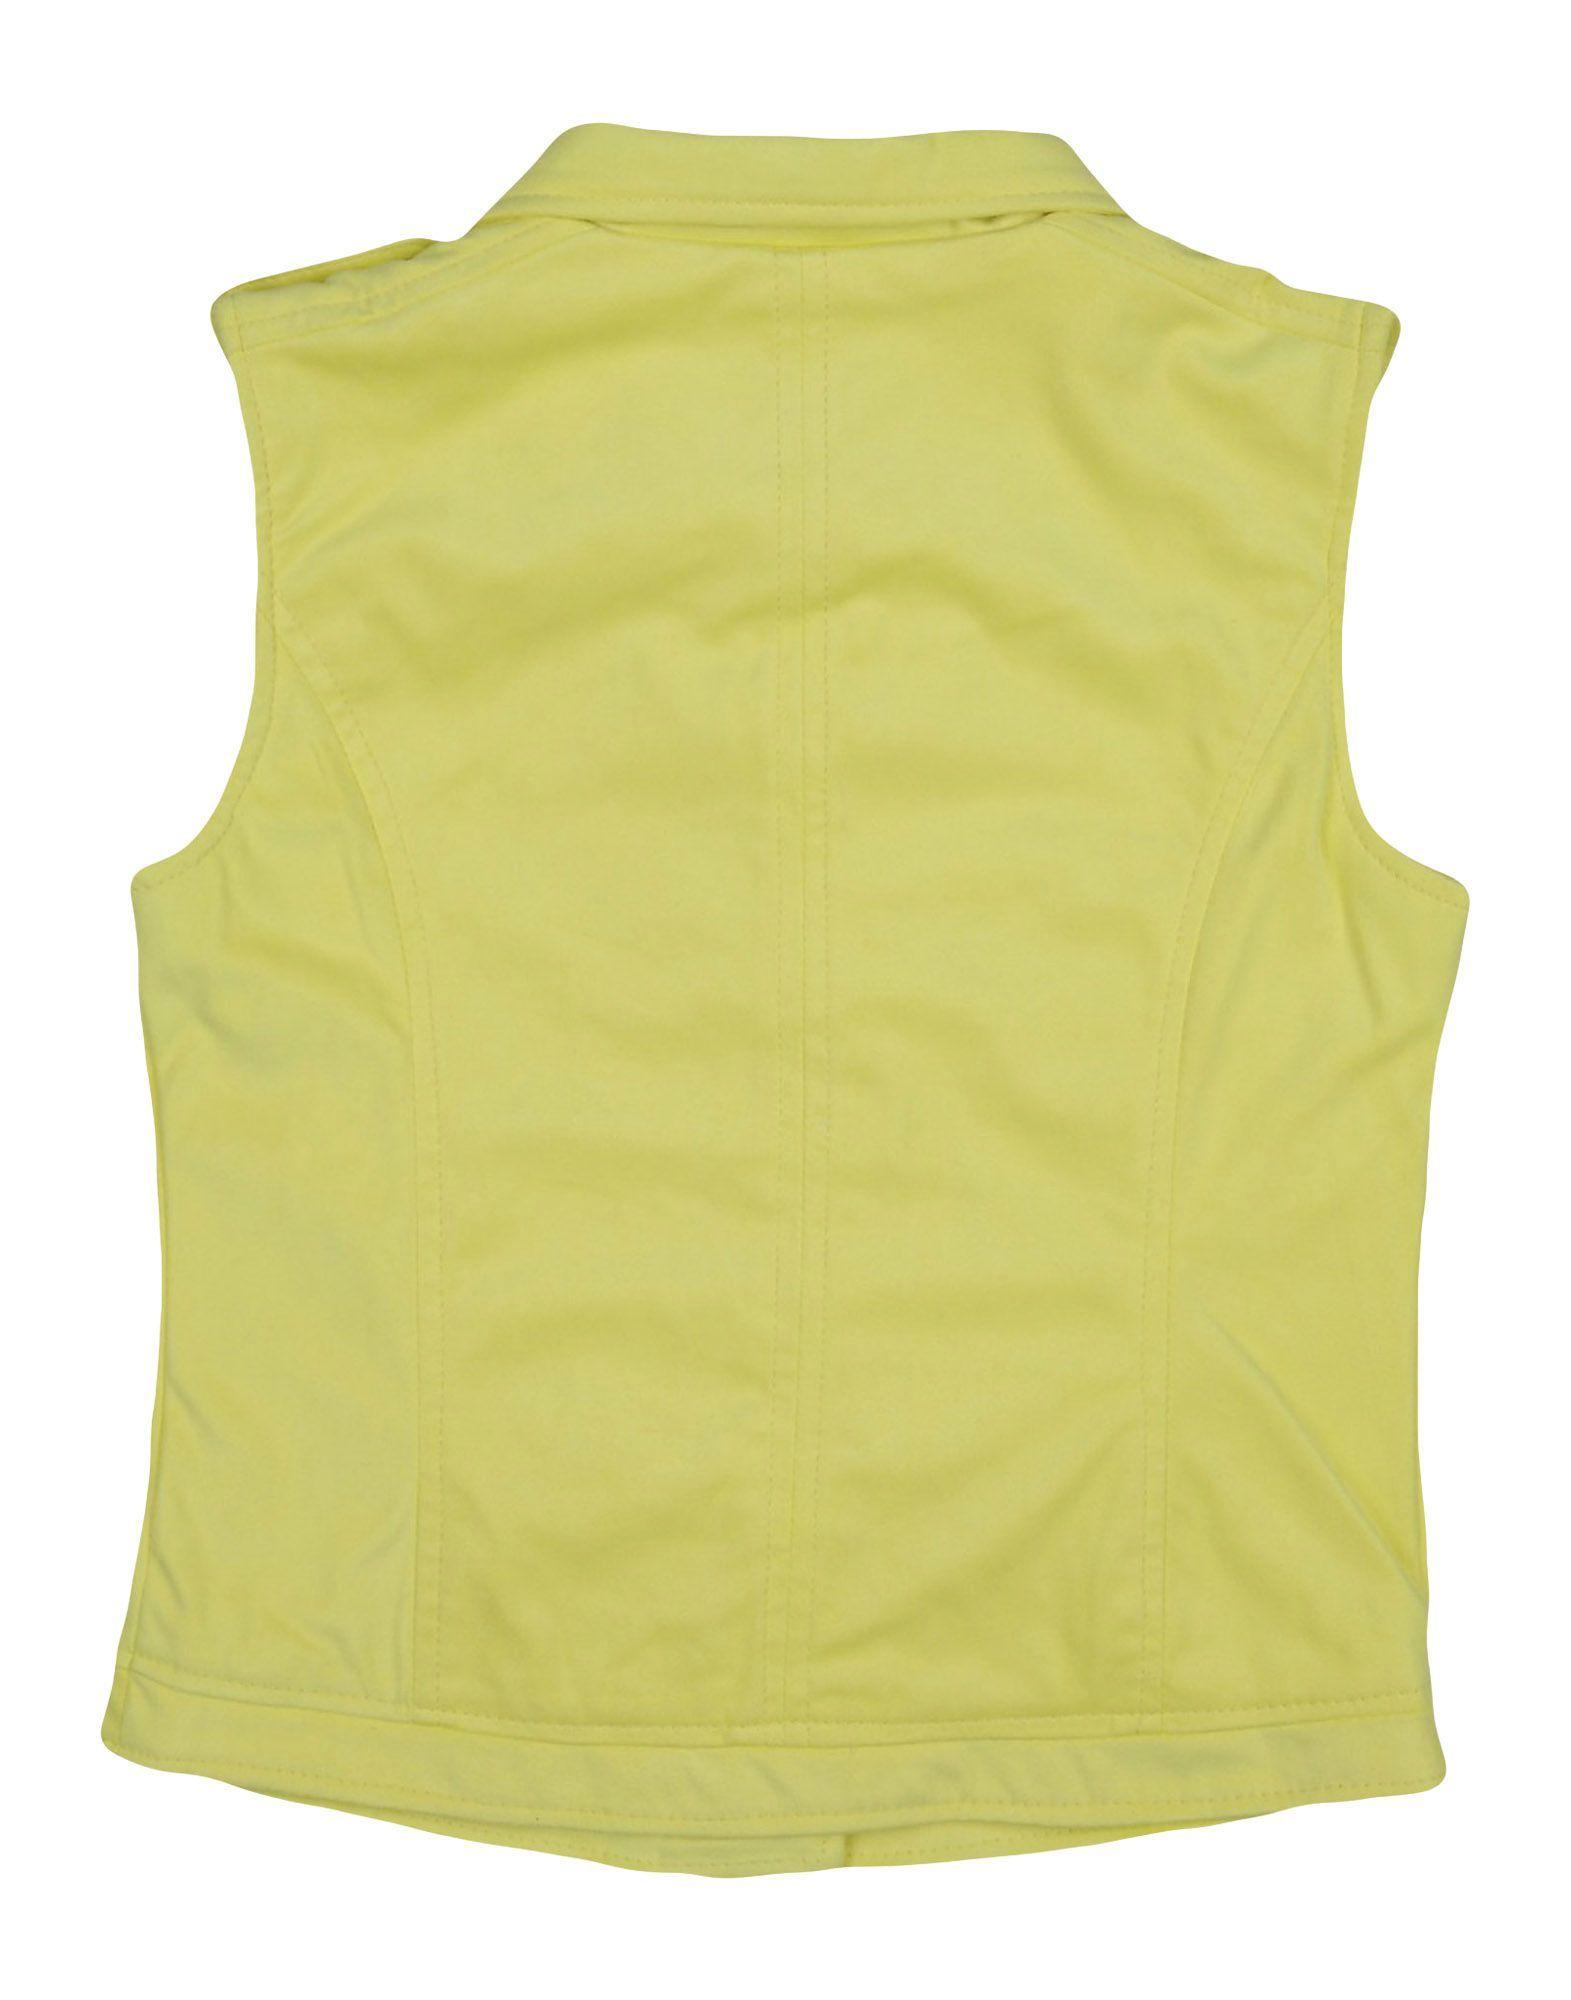 COATS & JACKETS Bomboogie Yellow Girl Polyester